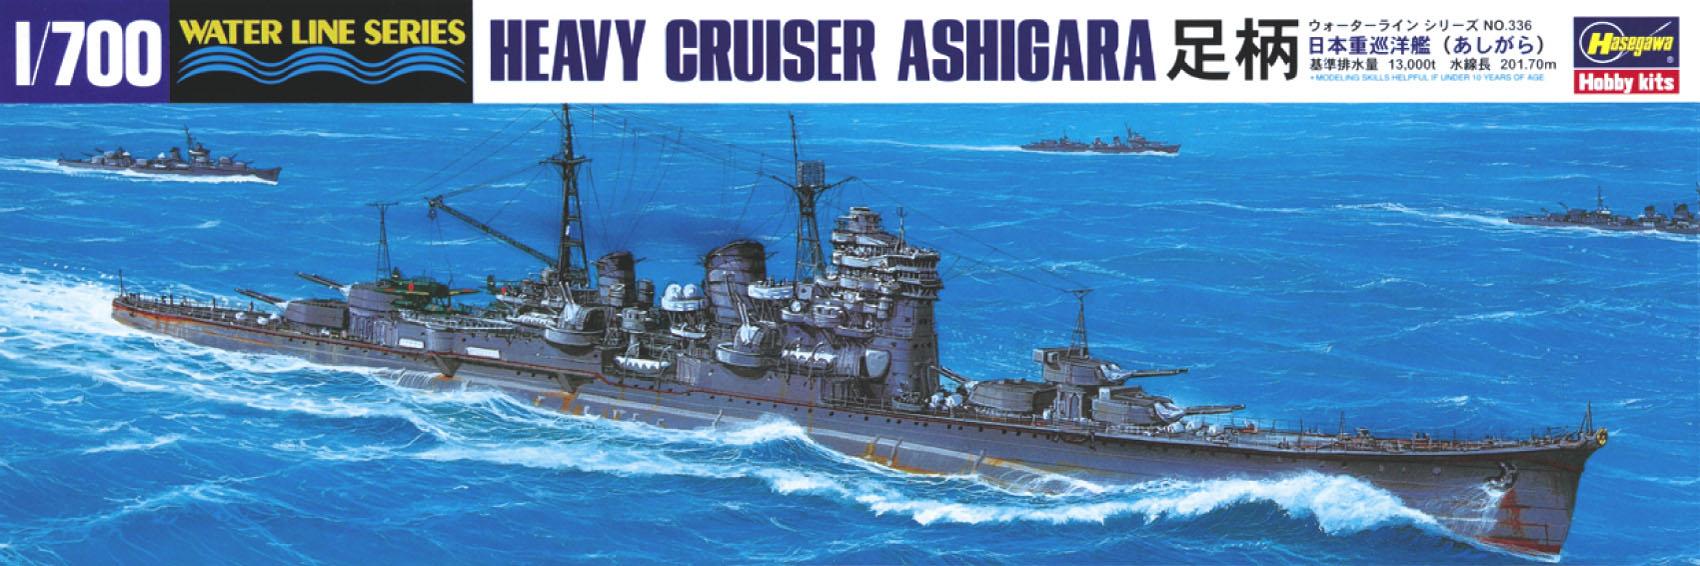 Hasegawa Ijn Heavy Cruiser Ashigara